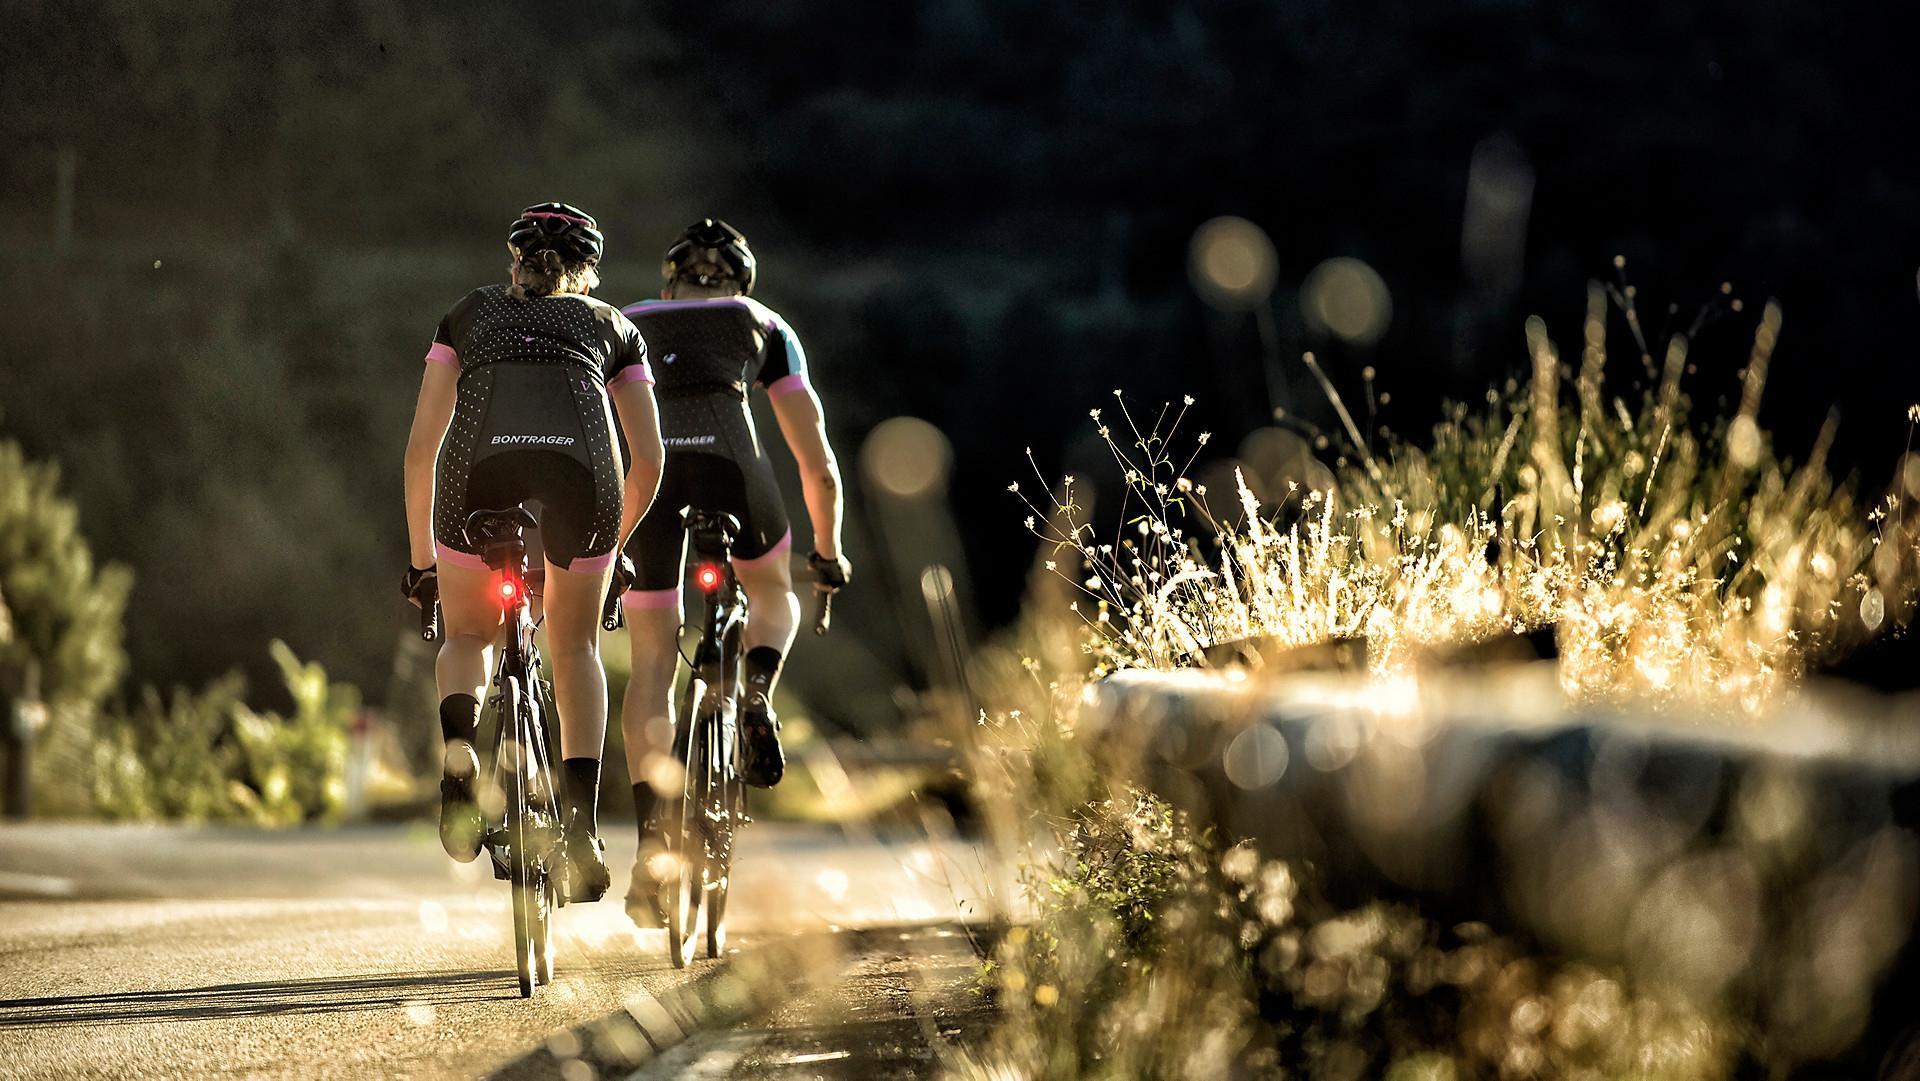 Viditelnost cyklistů výrazně přispívá k bezpečnosti v provozu.